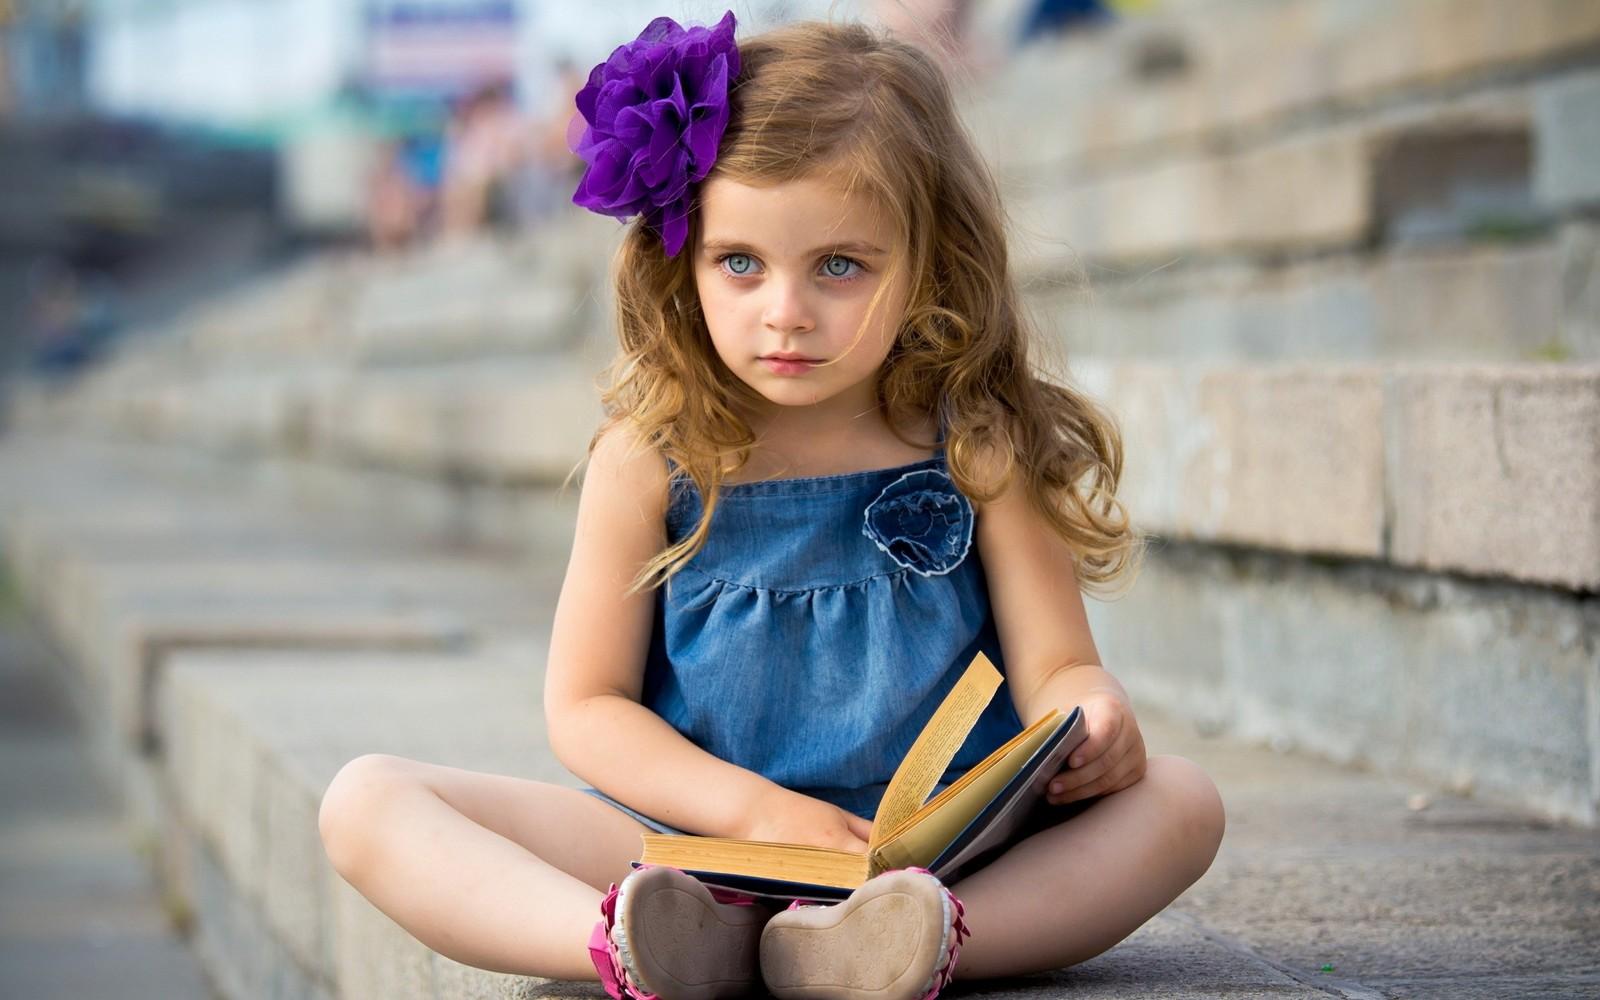 بالصور اجمل الصور للاطفال البنات , اروع صور البنات الصغار 3734 12